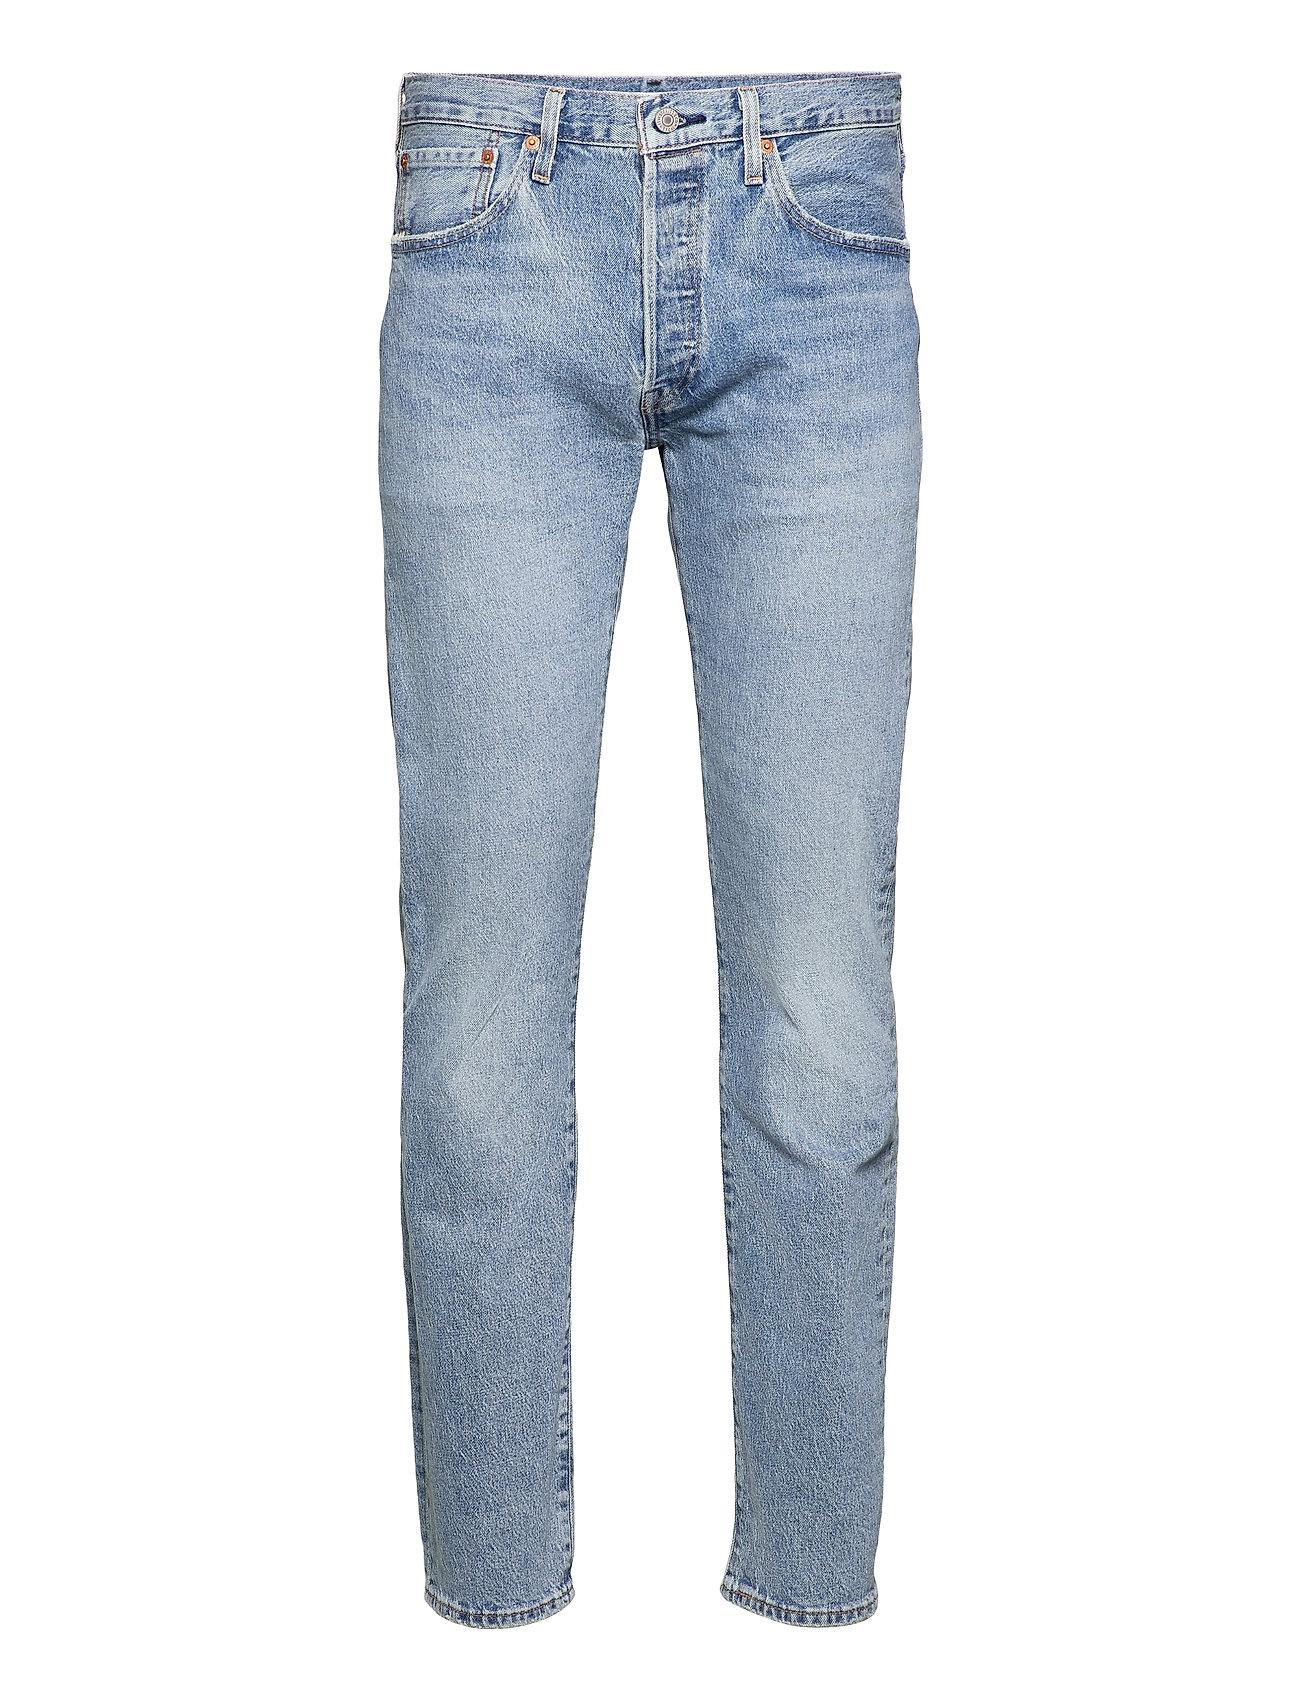 Image of 501 Levisoriginal Basil Sand Jeans Blå LEVI´S Men (3442842123)